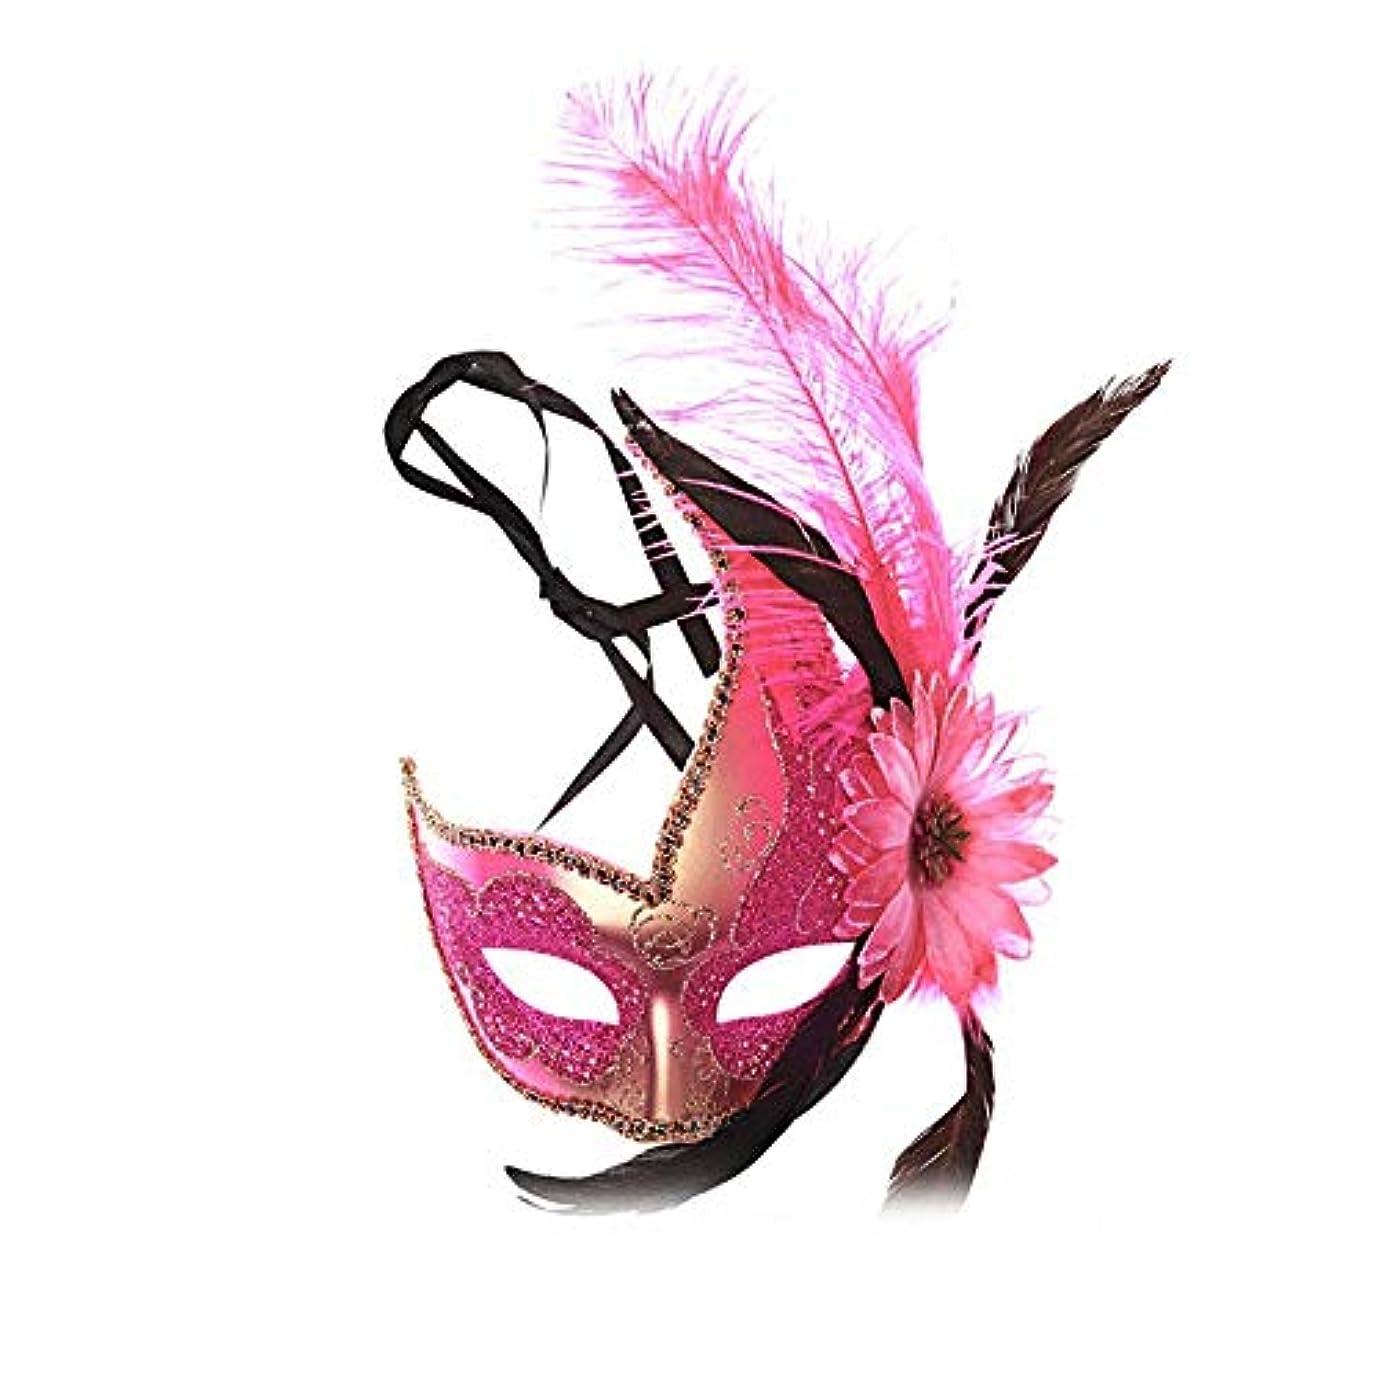 排除彼らはロックNanle ハロウィンマスクハーフフェザーマスクベニスプリンセスマスク美容レース仮面ライダーコスプレ (色 : Style B rose red)